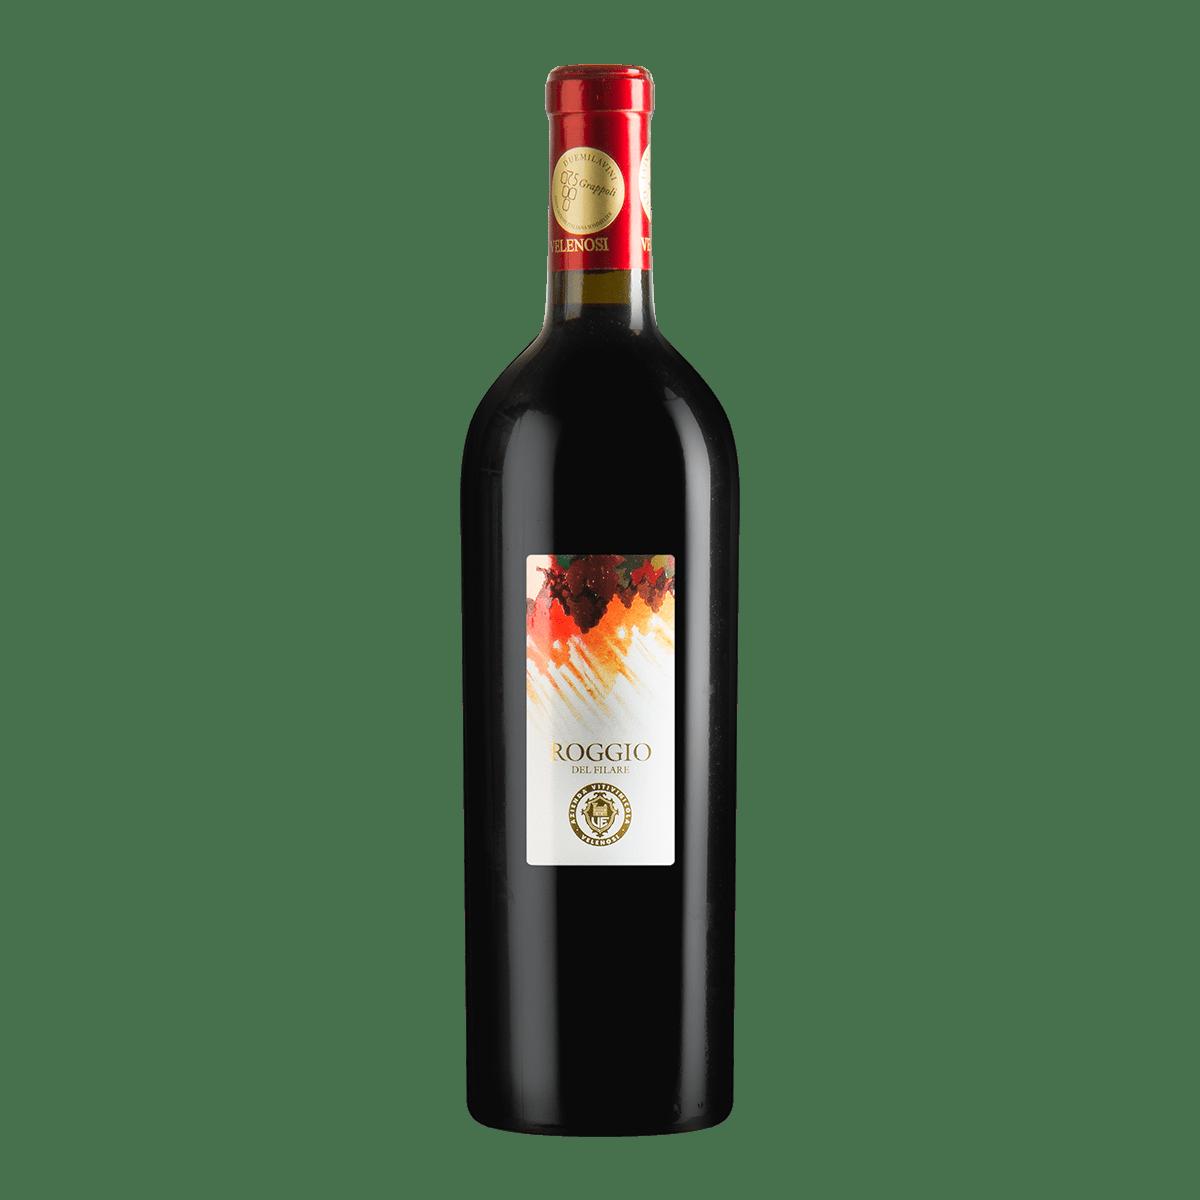 Rosso Piceno Superiore - Roggio del Filare - Velenosi